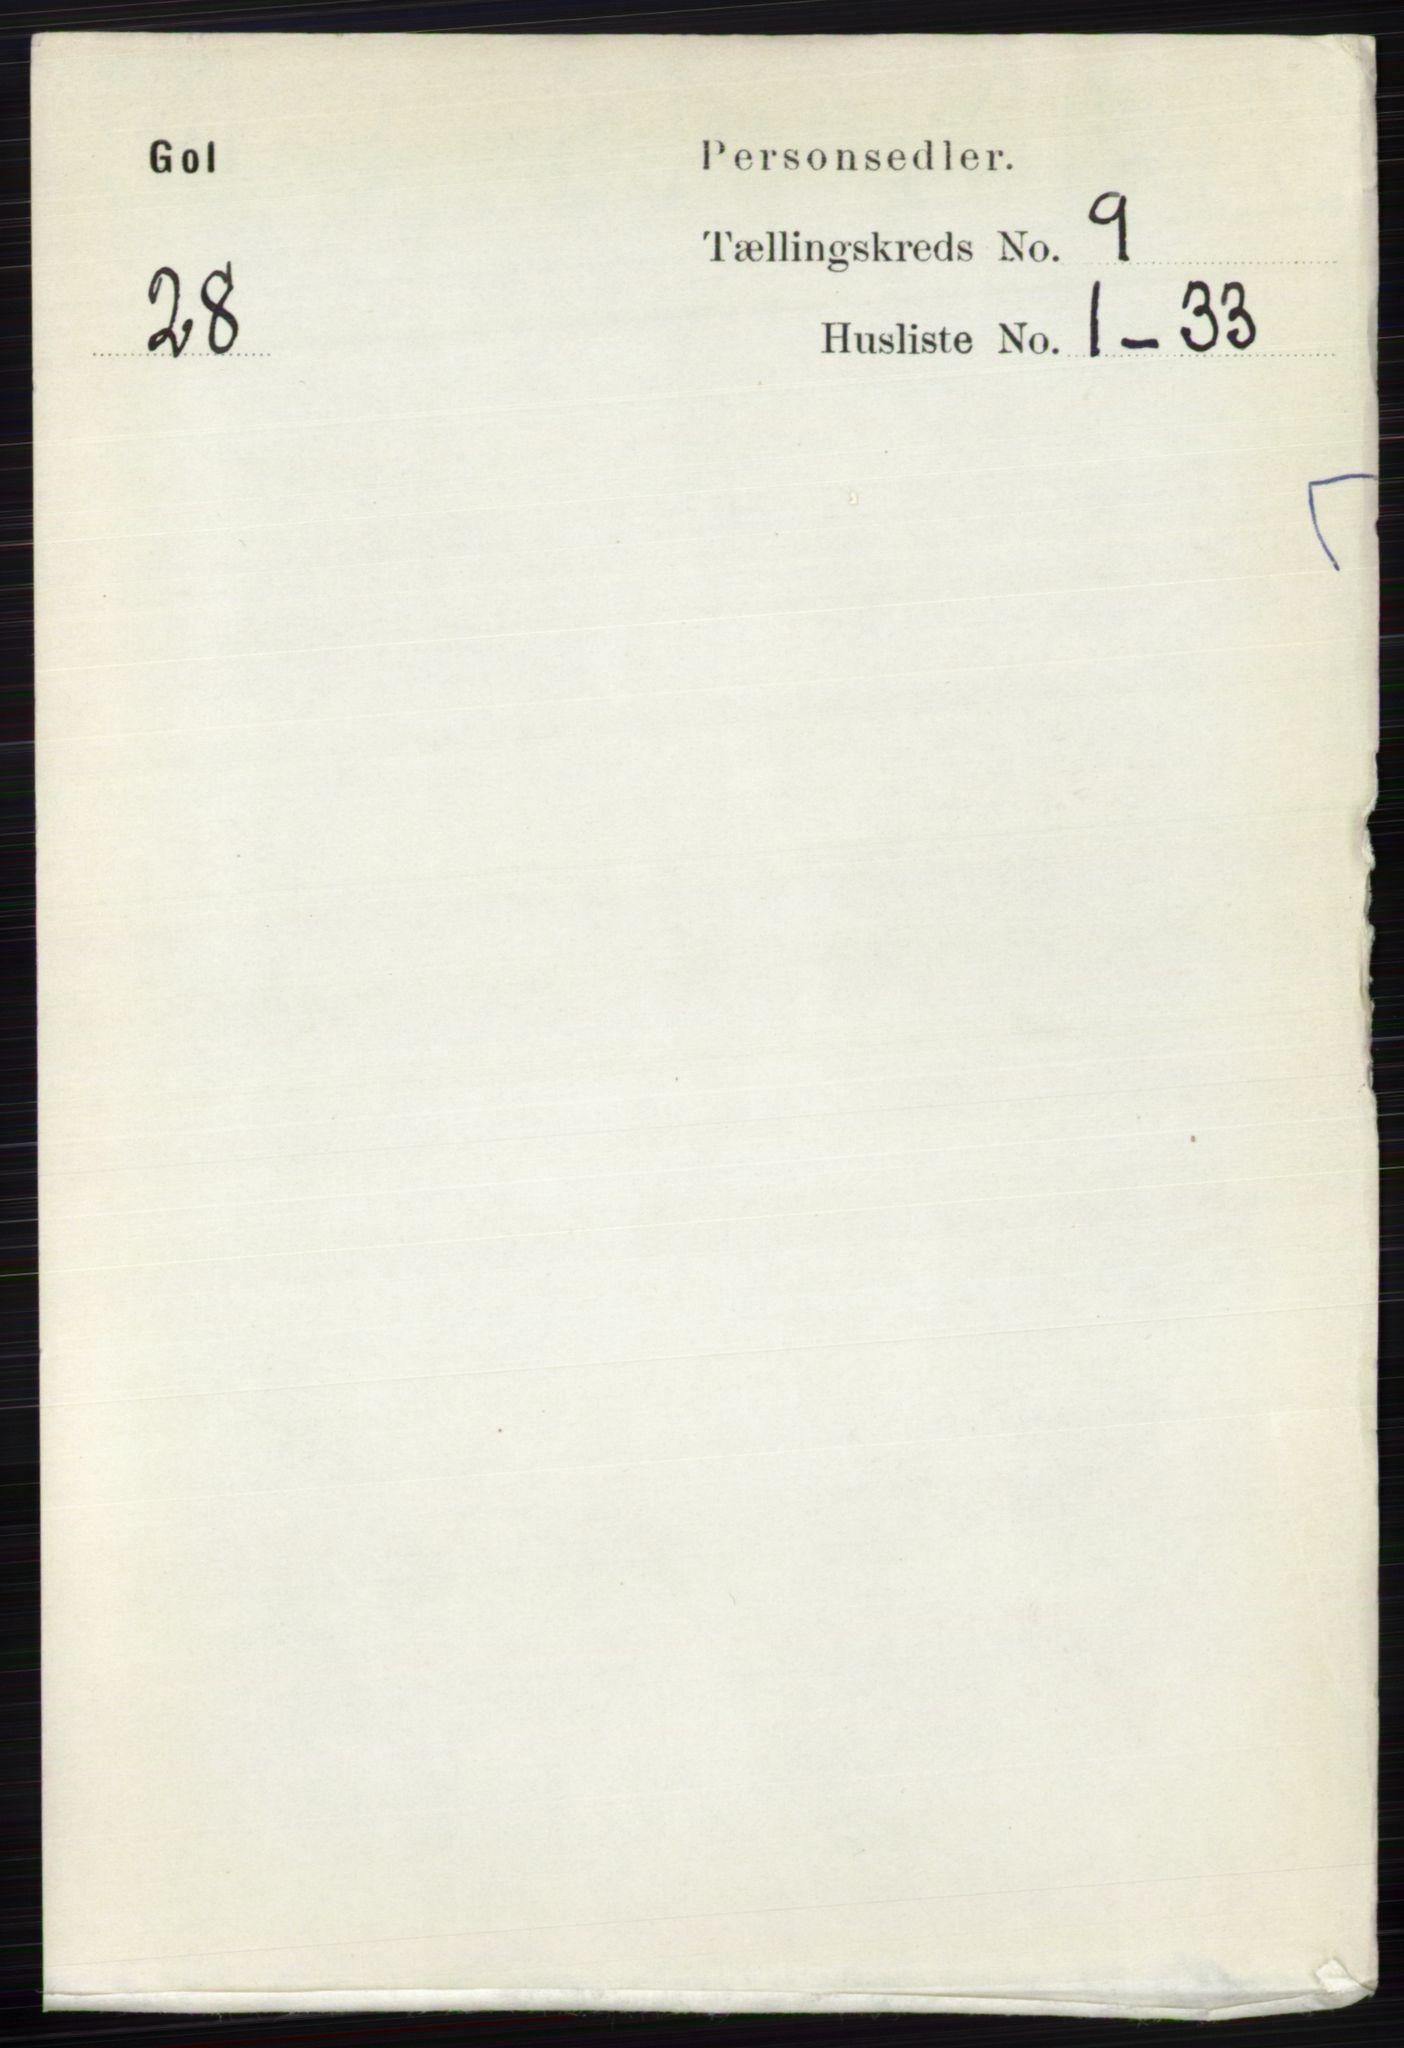 RA, Folketelling 1891 for 0617 Gol og Hemsedal herred, 1891, s. 3397